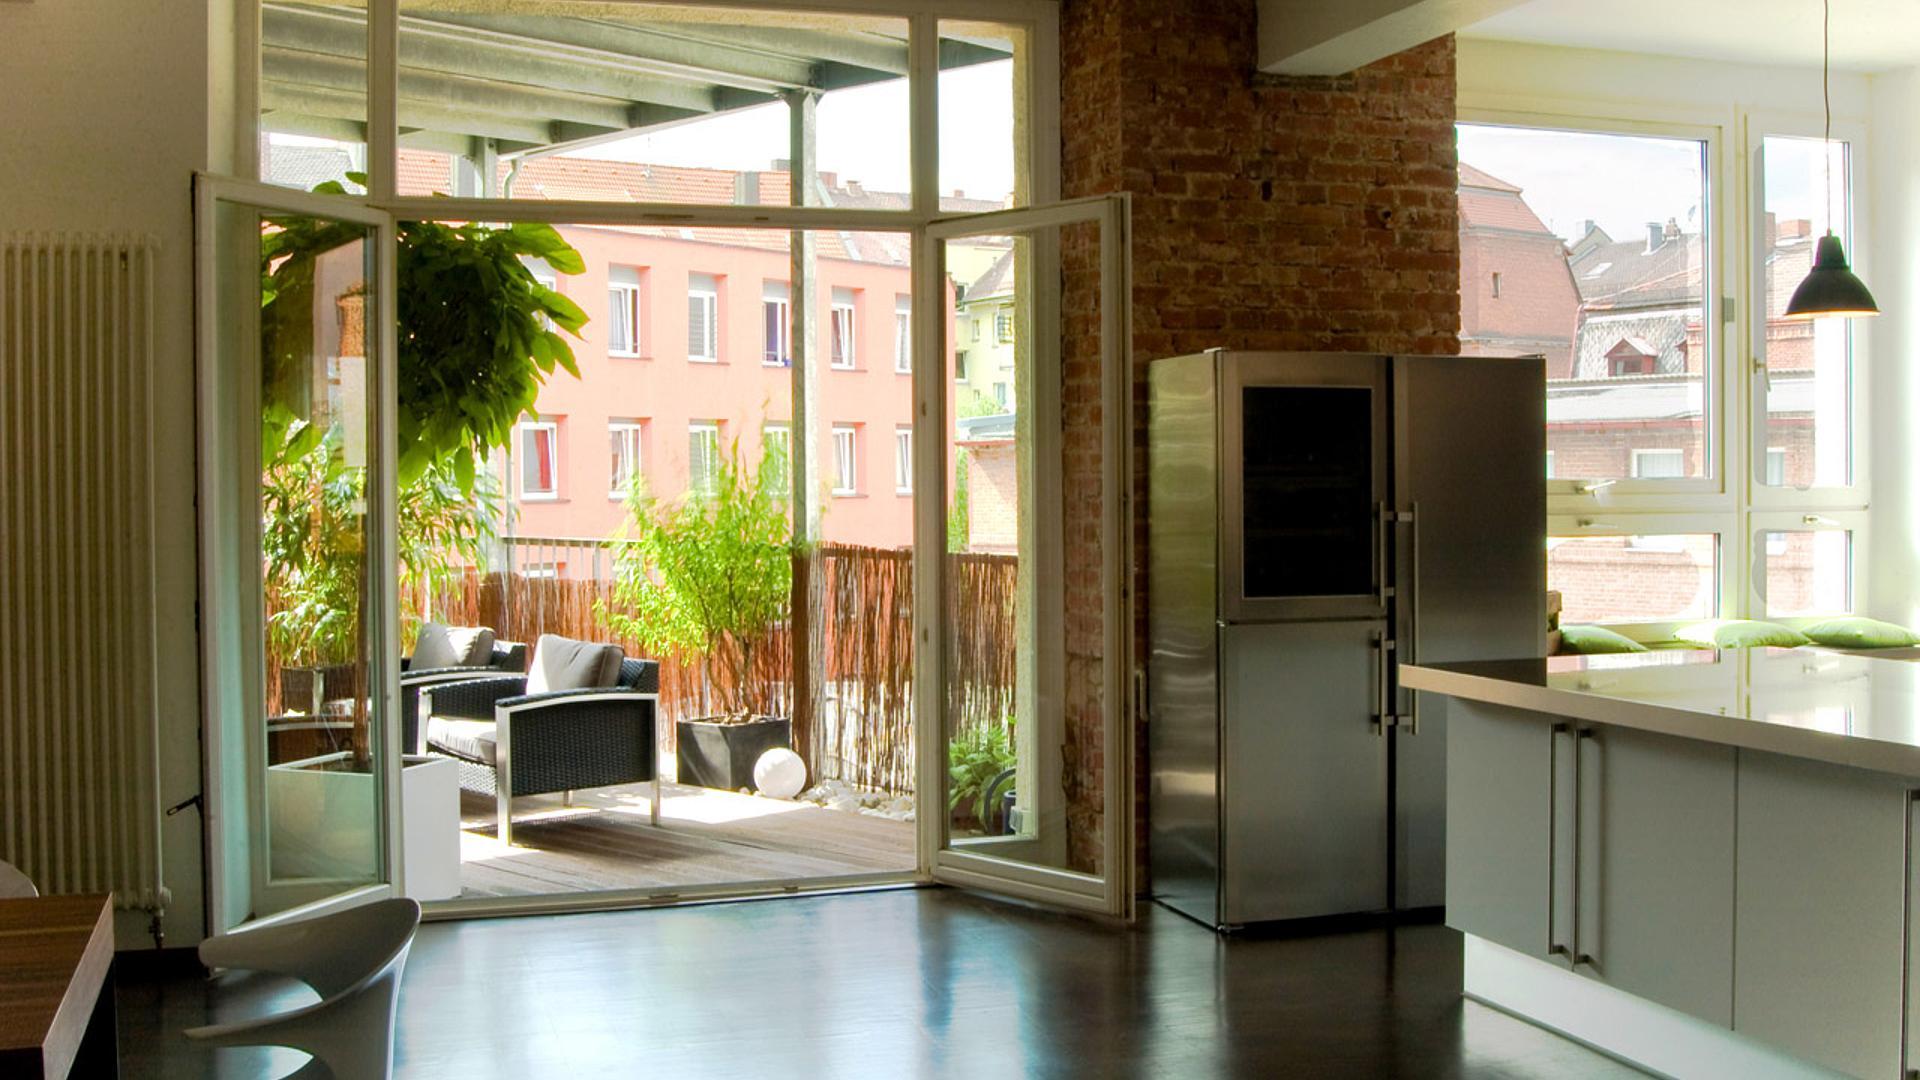 Loft Wohnung: Modernisierung eines Gebäude in ein modernes ...